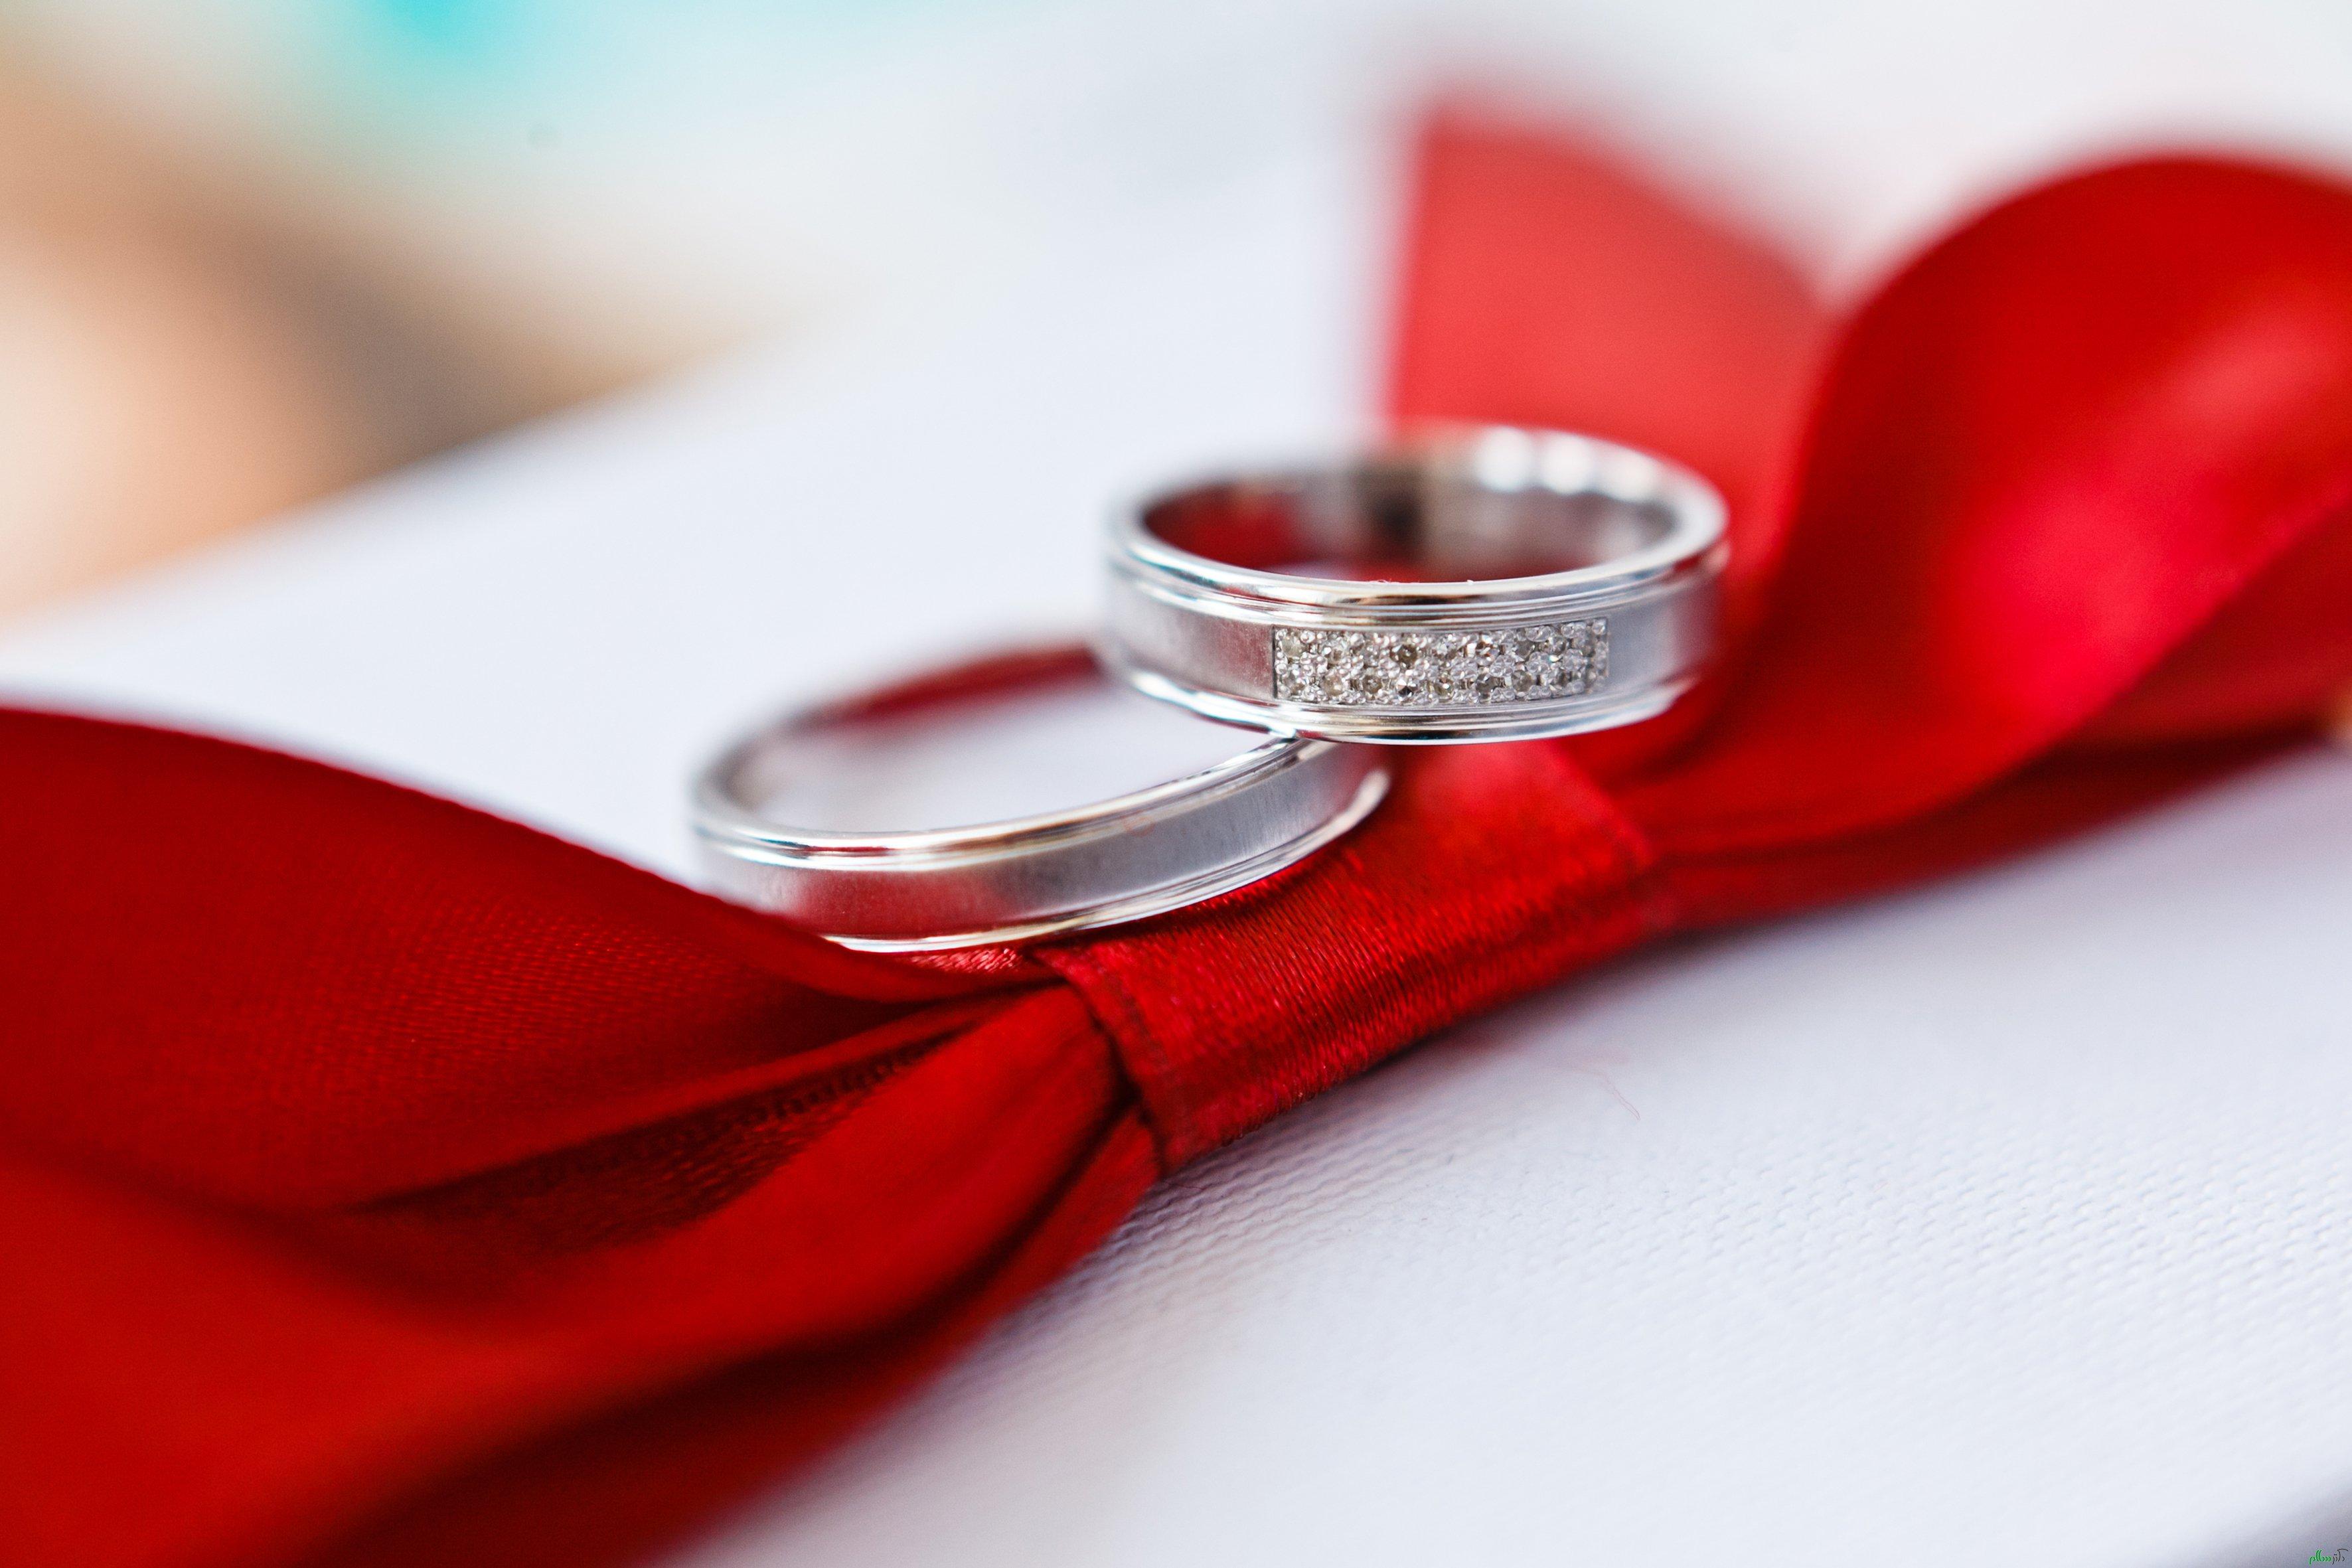 یک عروس به خاطر ترس داماد از رعد و برق، عروسی خود را لغو کرد.